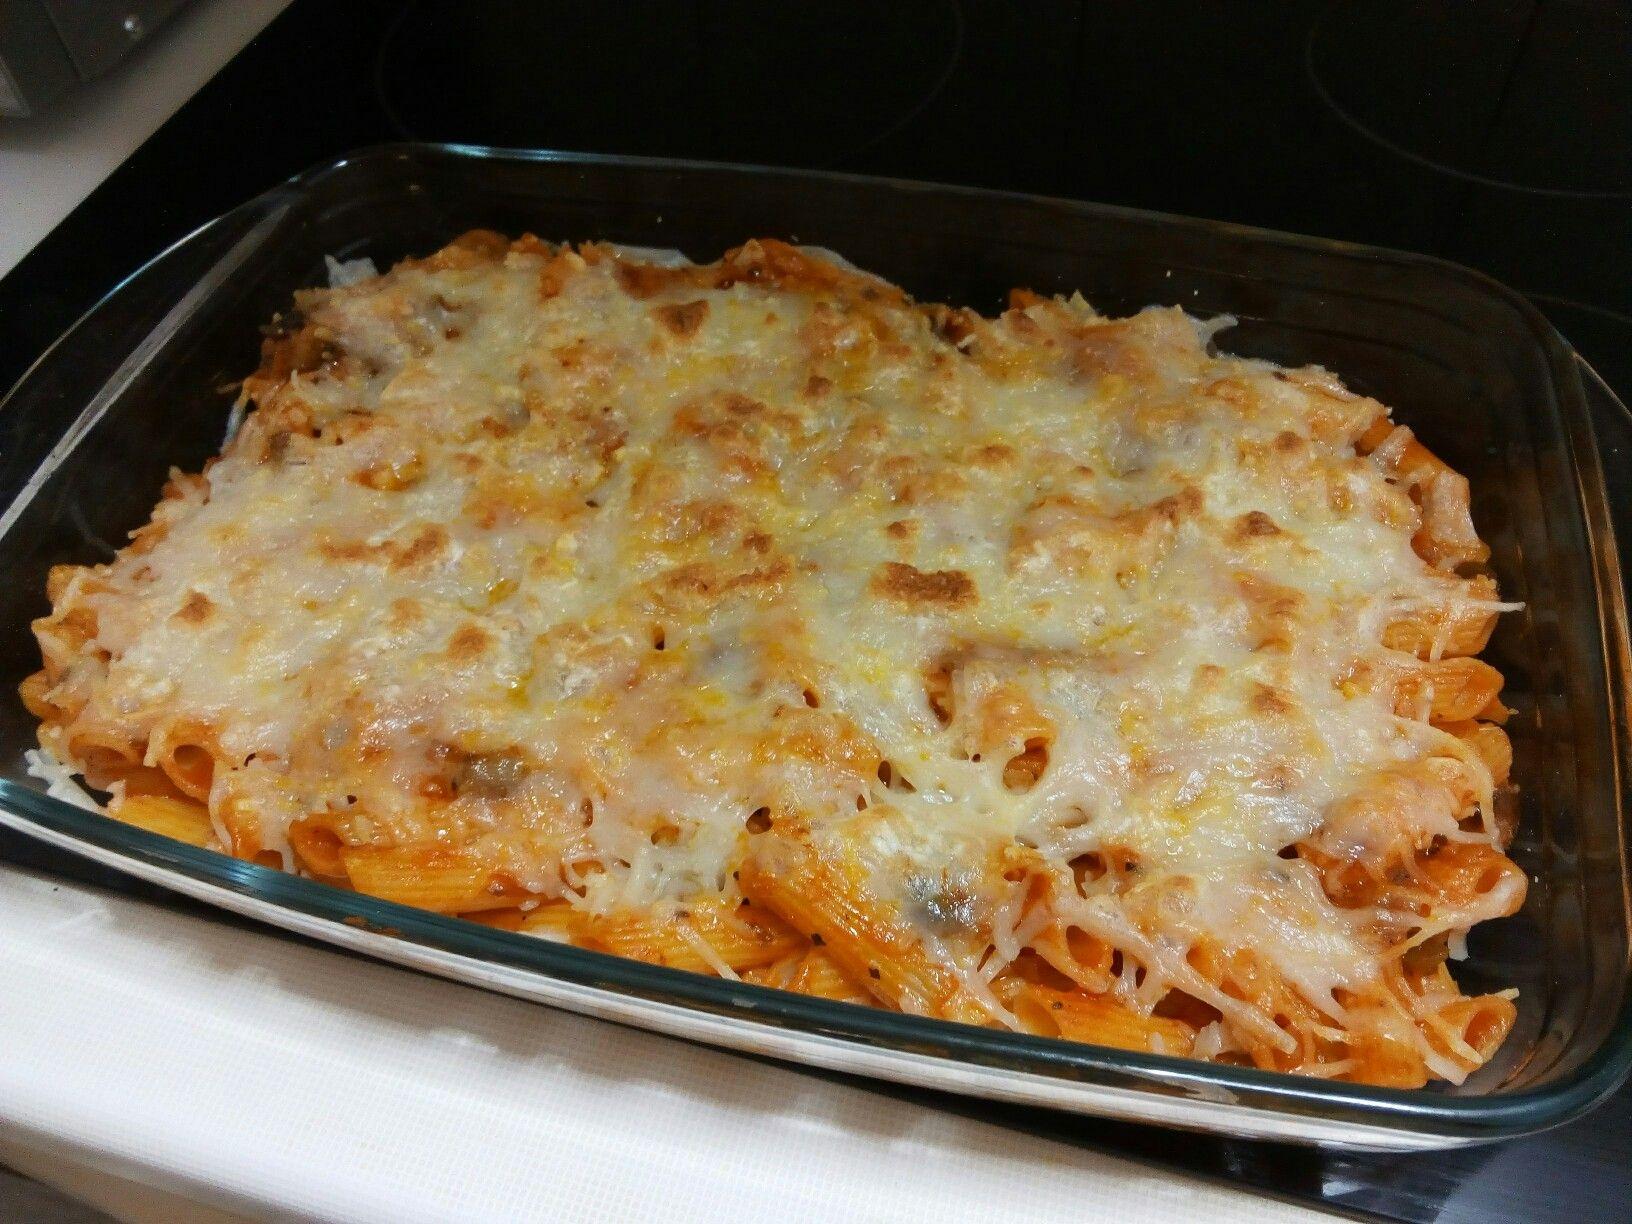 Macarrones boloñesa gratinados al horno 100% #vegano  RECETA Sofreír ajo, cebolla, pimiento y champiñones en un poco de aceite de oliva y condimentar con jengibre en polvo, sal y pimienta molida. Una vez listo, añadir tomate frito con albahaca y orégano. Mezclar con los macarrones cocidos previamente. Disponer en una fuente para horno, repartir queso rallado para pizza Vegano y gratinar hasta que dore en el horno.